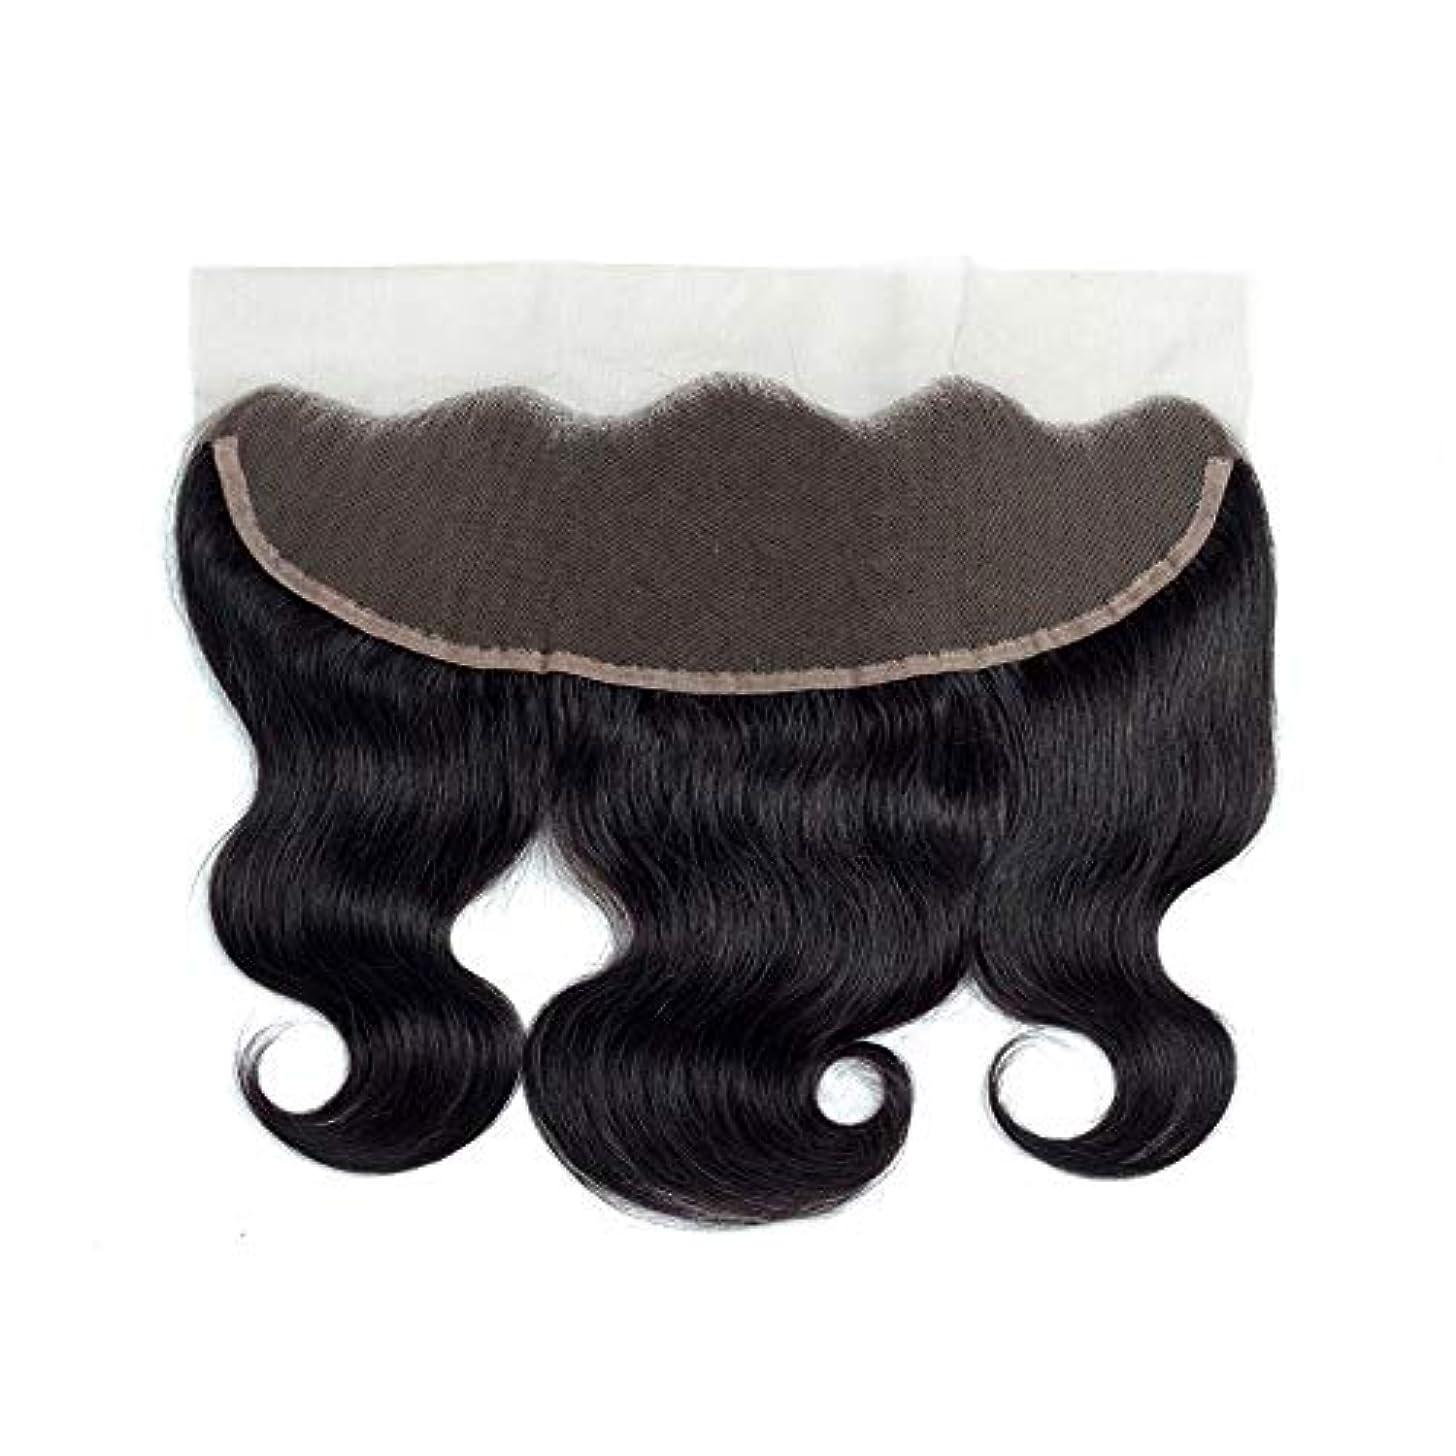 禁止効率非公式YAHONGOE ブラジル髪の閉鎖13 * 4レース前頭波人間の髪の毛の自然な黒い色女性合成かつらレースかつらロールプレイングかつら (色 : 黒, サイズ : 12 inch)